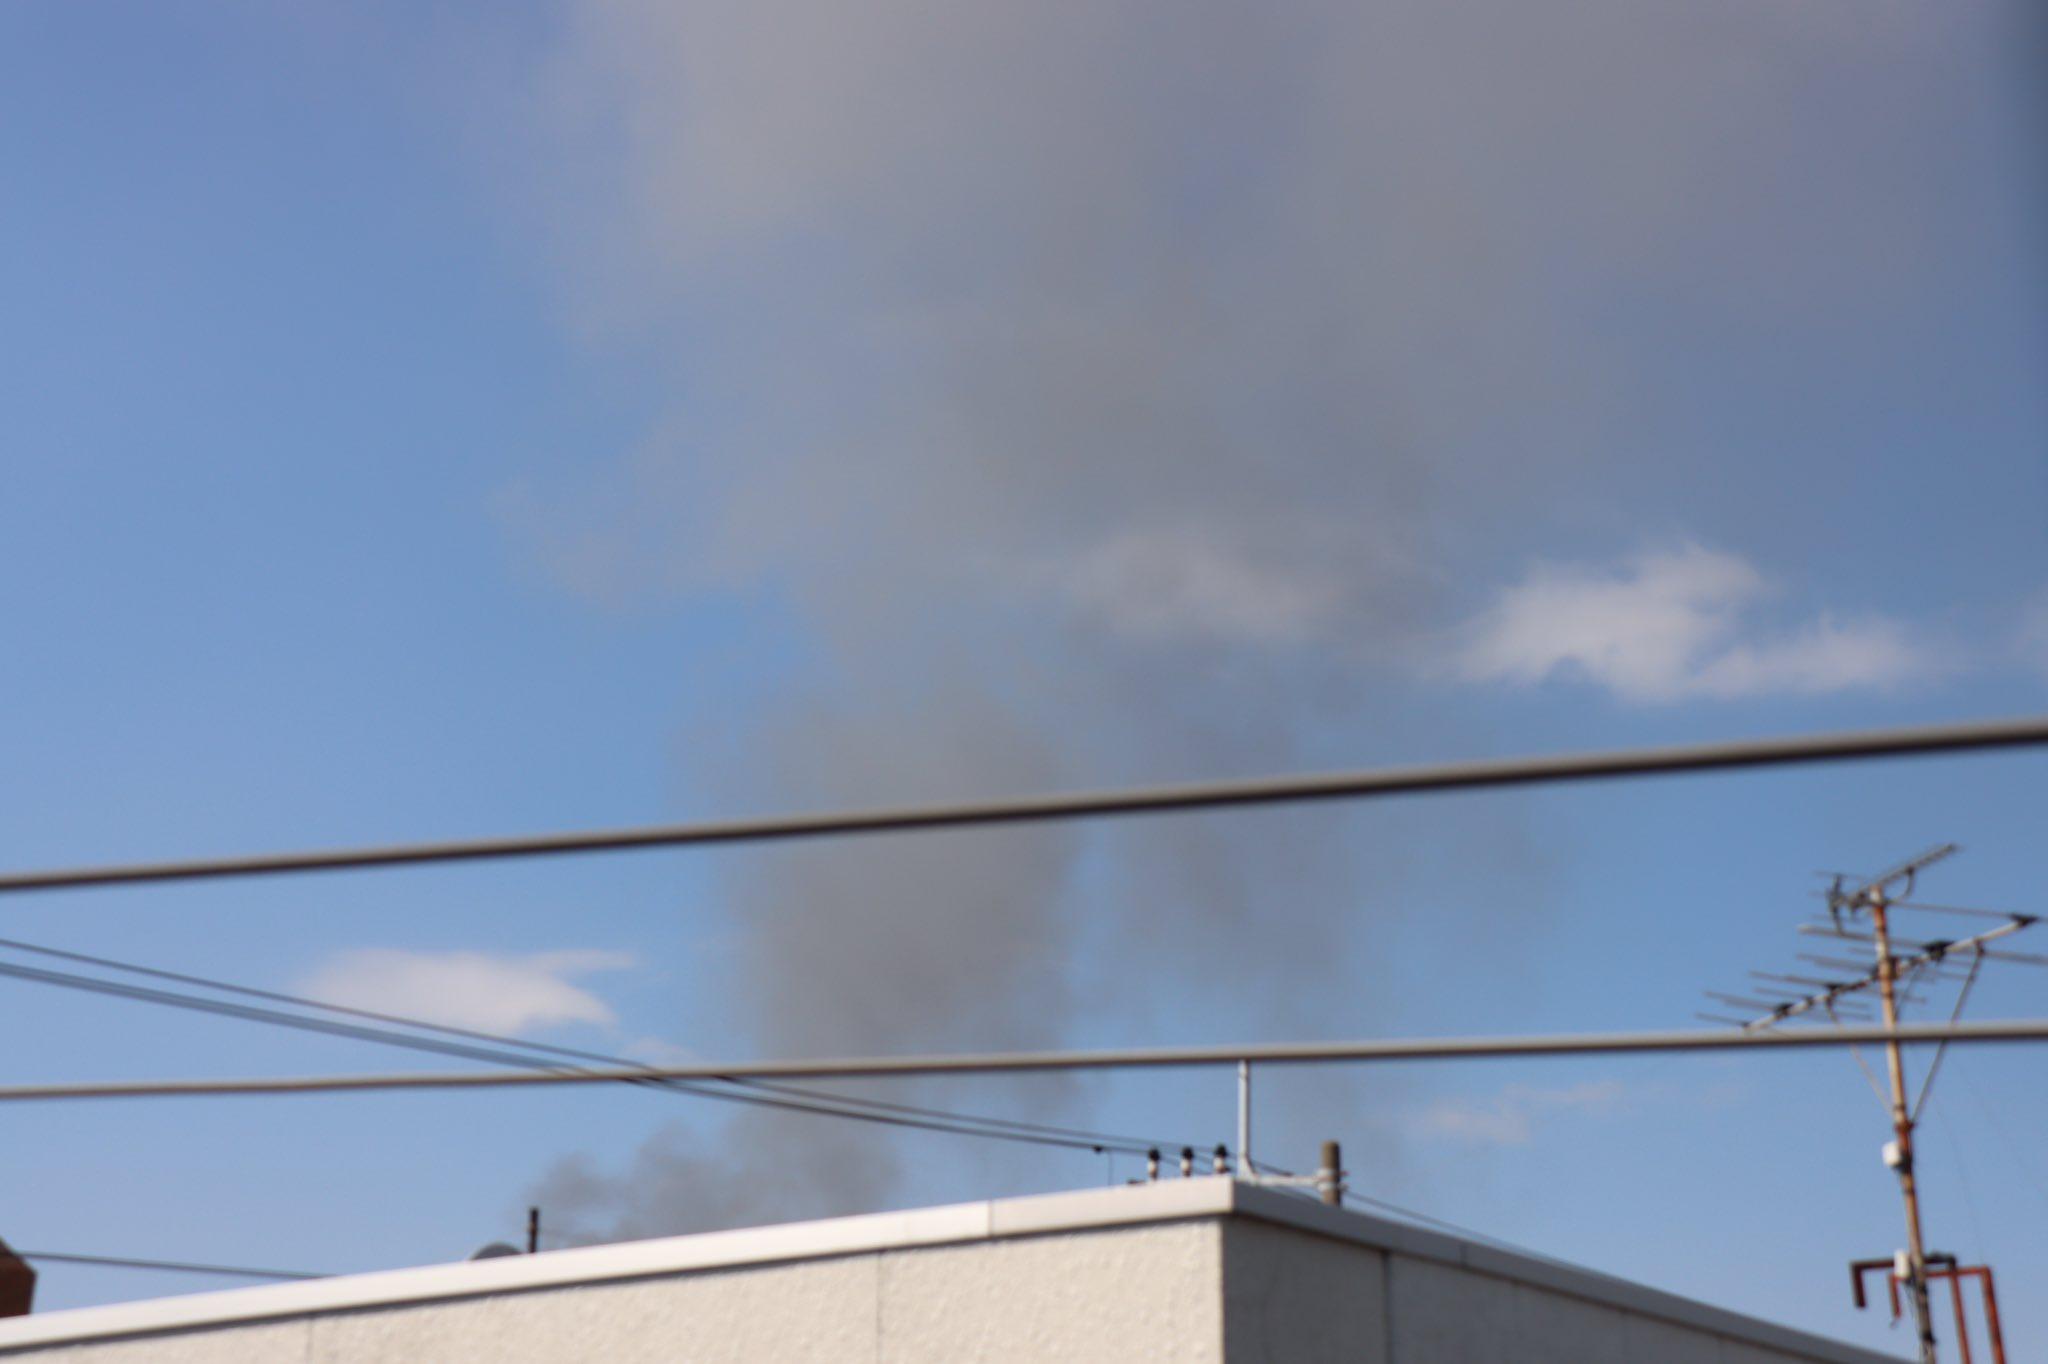 画像,船橋市内で火事らしい。煙が見える。 https://t.co/kwfJJLm6e3。